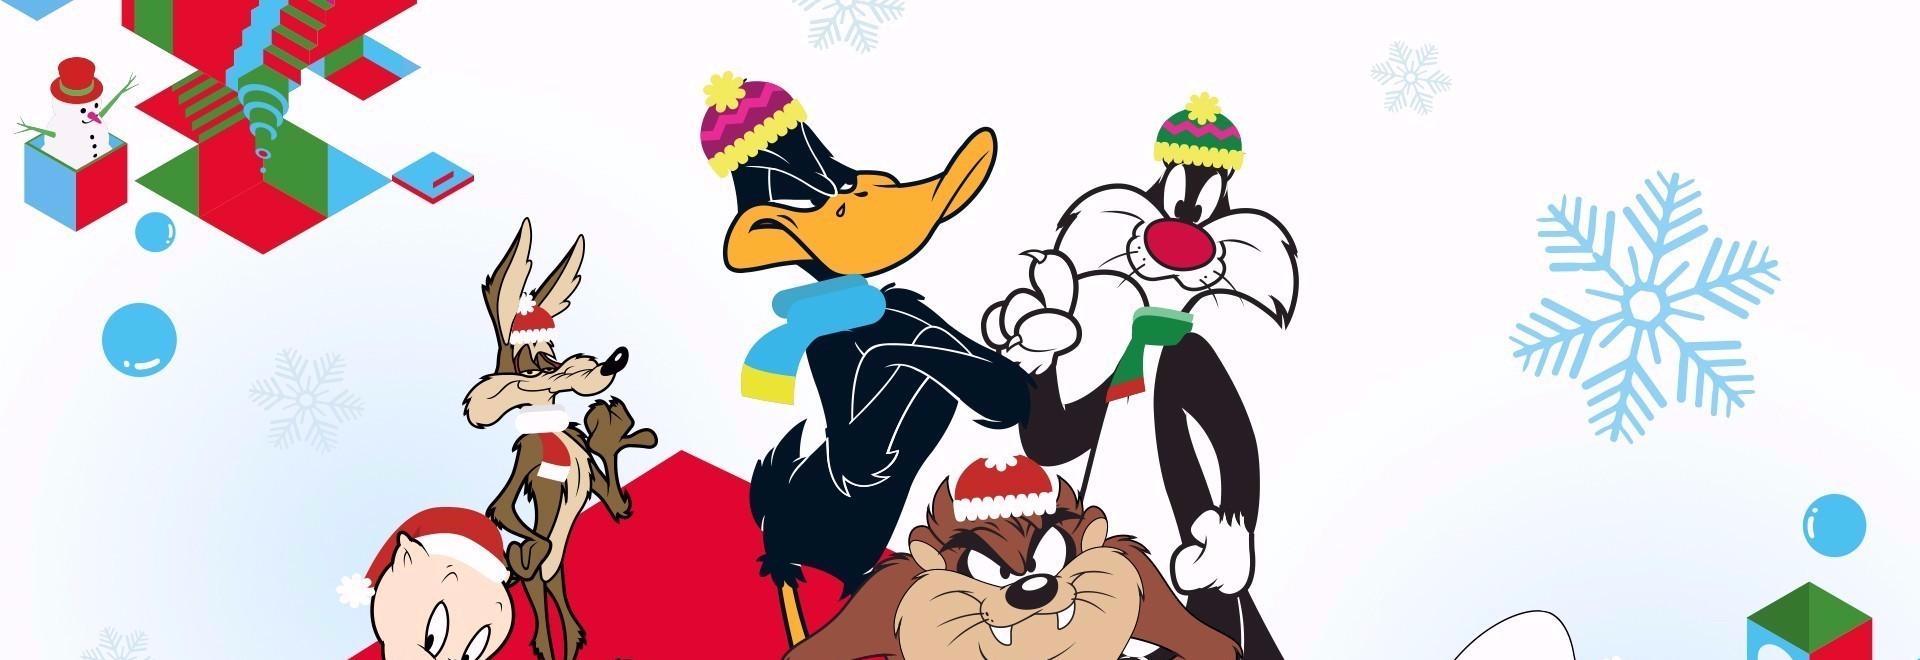 Daffy Duck And Egghead